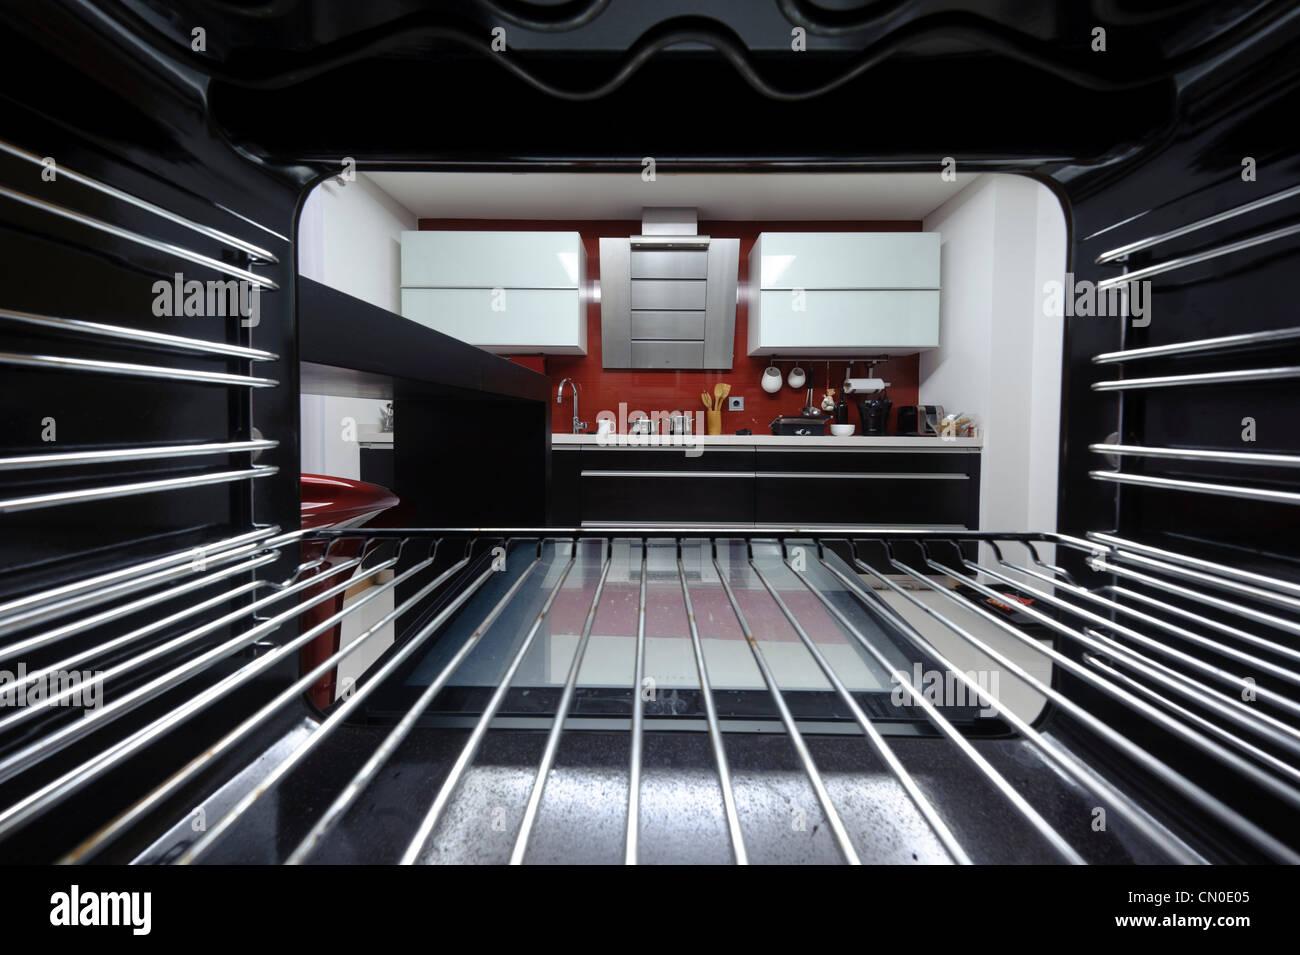 Moderne Küche im Inneren des Ofens aus betrachtet Stockbild